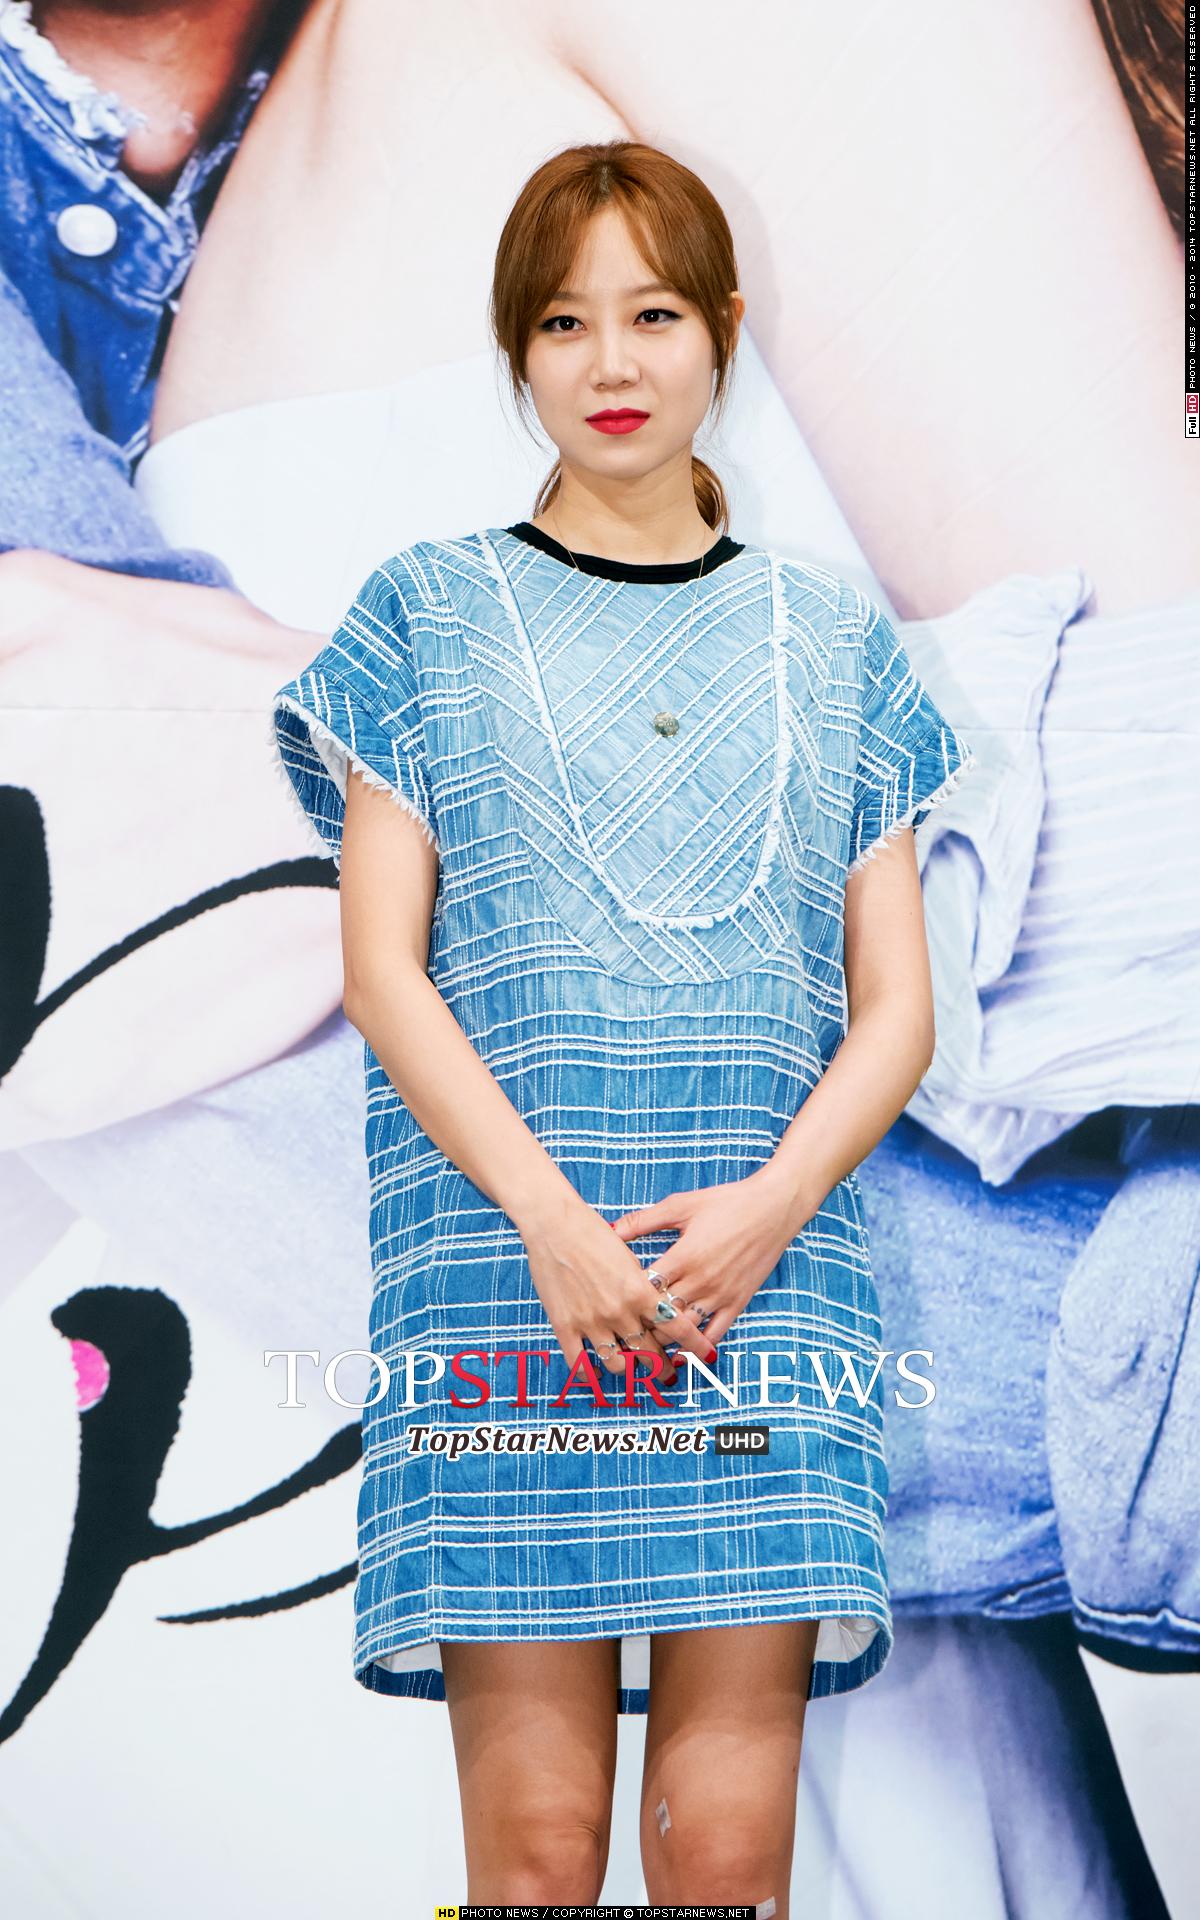 孔曉振在《沒關係,是愛情啊》發佈記者會上也是擦了這個顏色,可以說因此成為韓妞化妝包必備的唇妝品之一